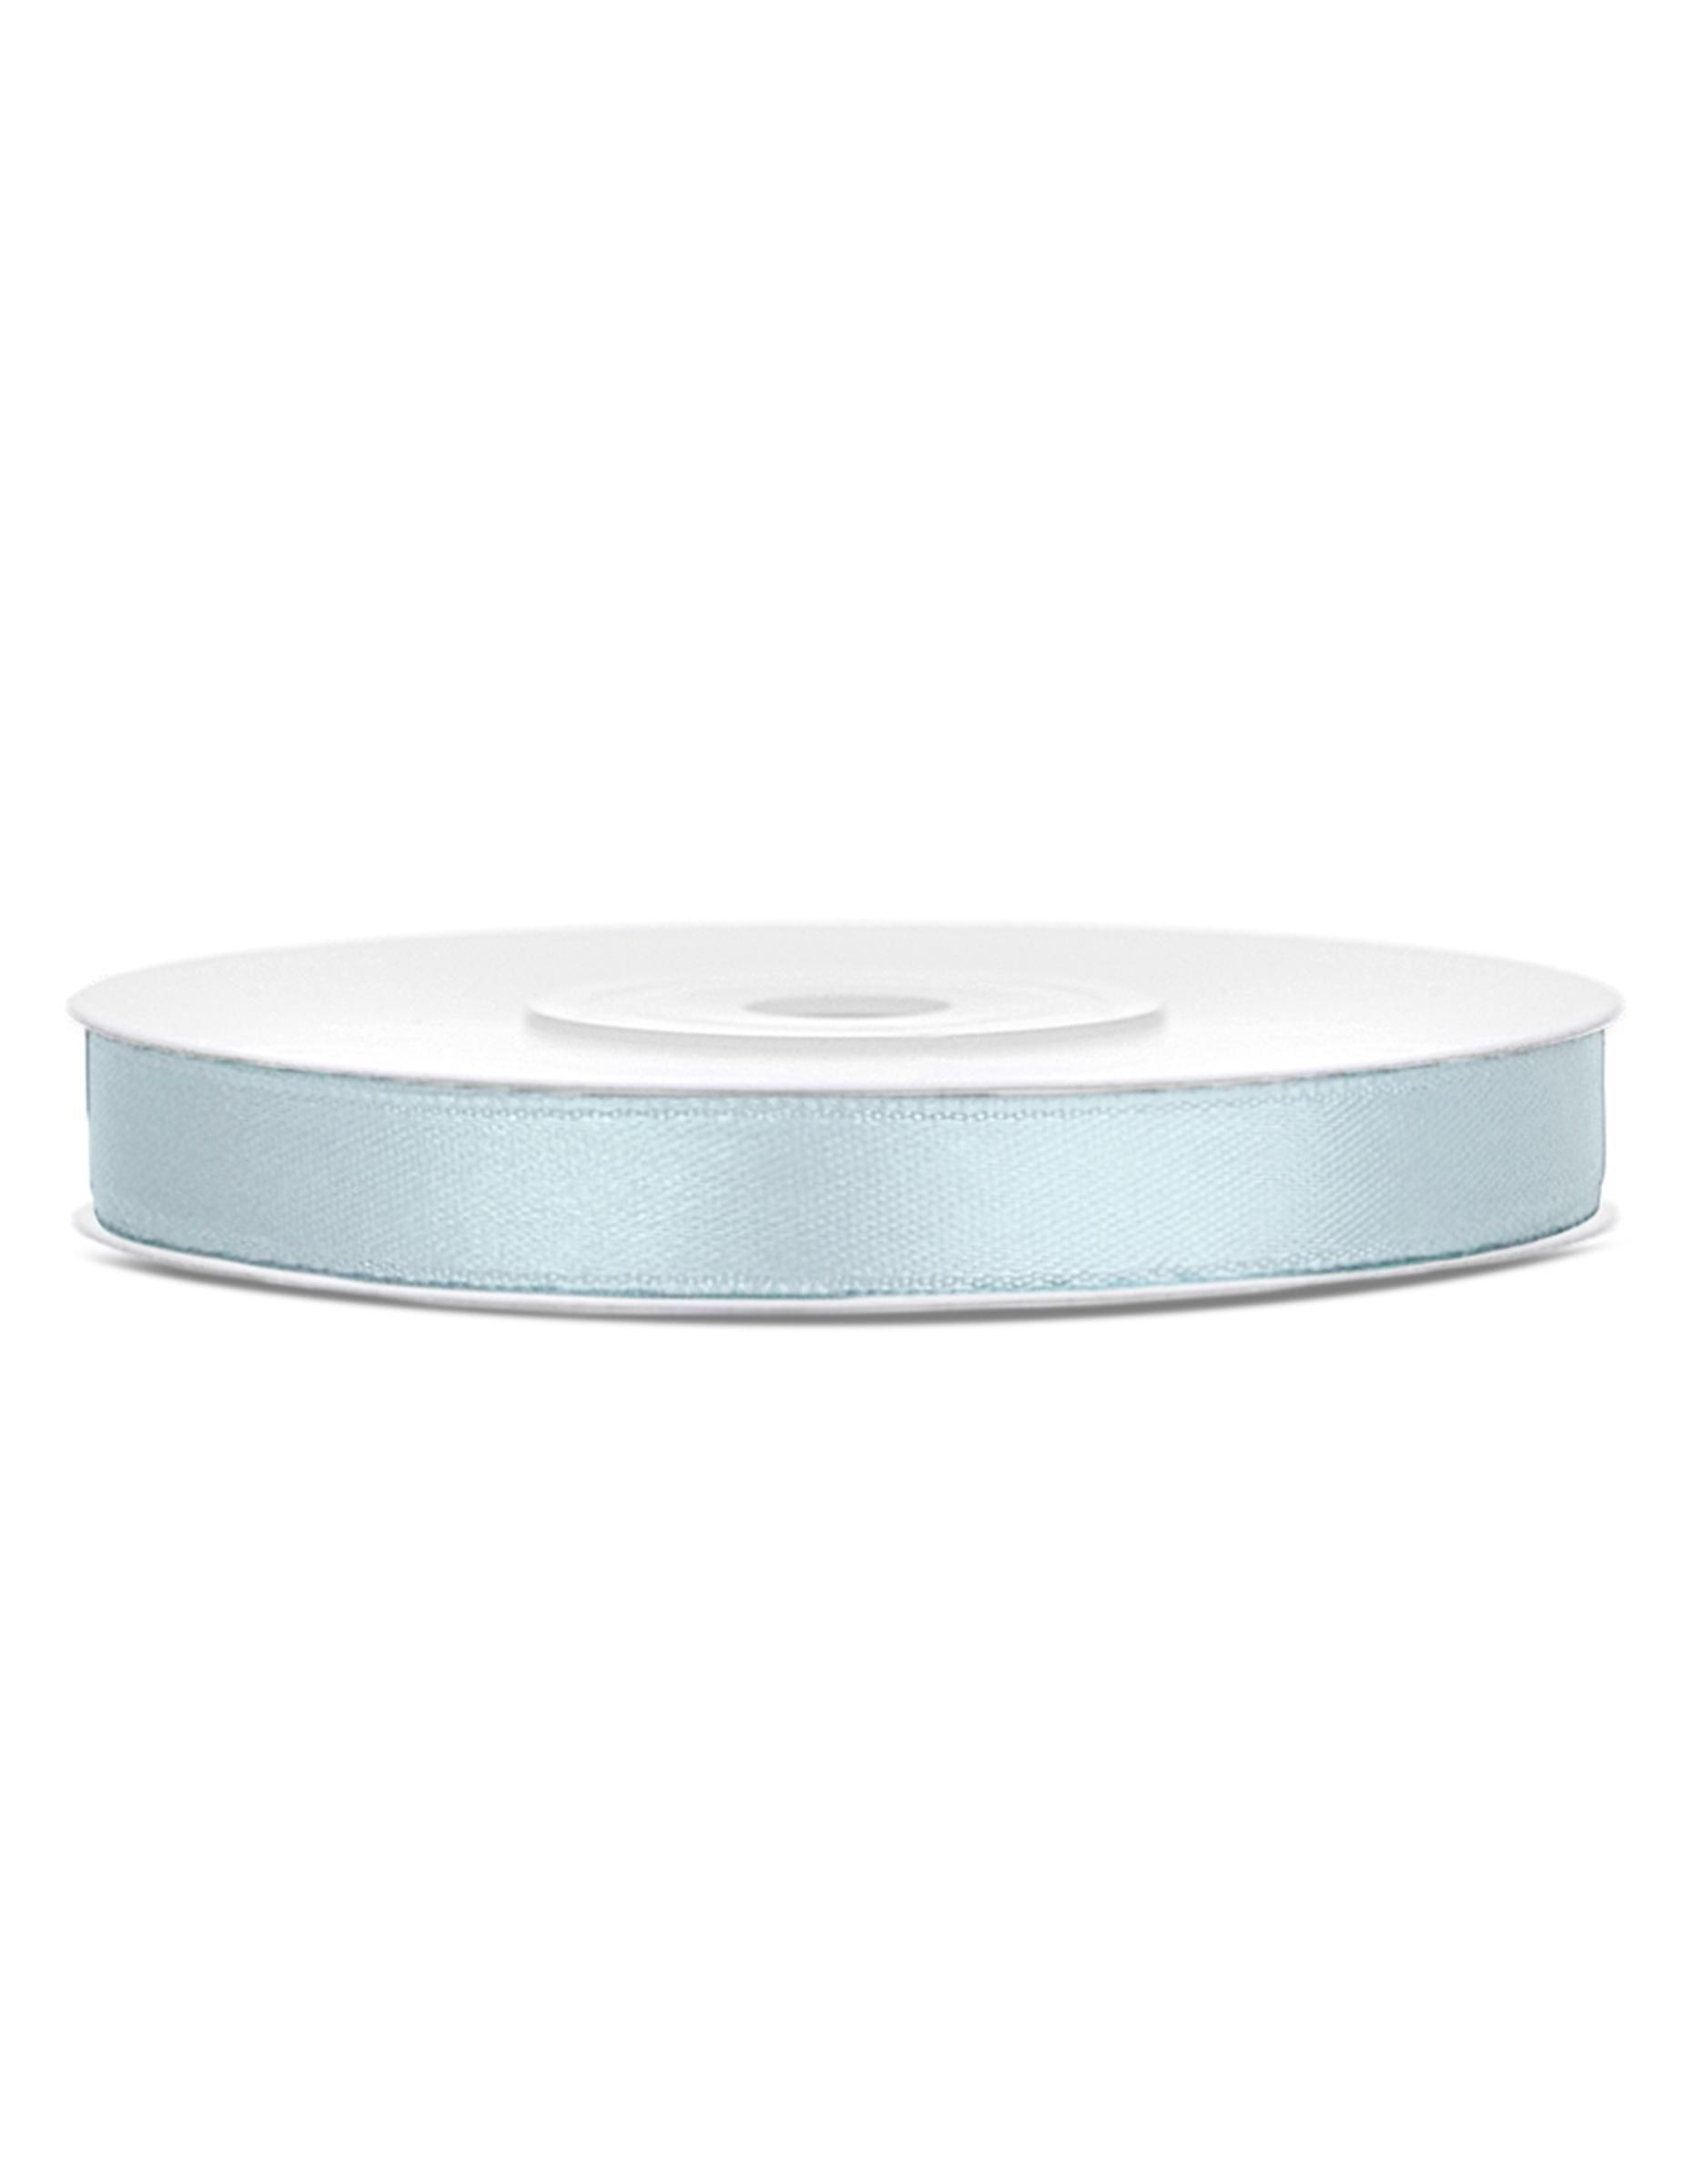 Ruban satin bleu gris clair 0 6 cm x 25 m d coration - Bleu gris clair ...